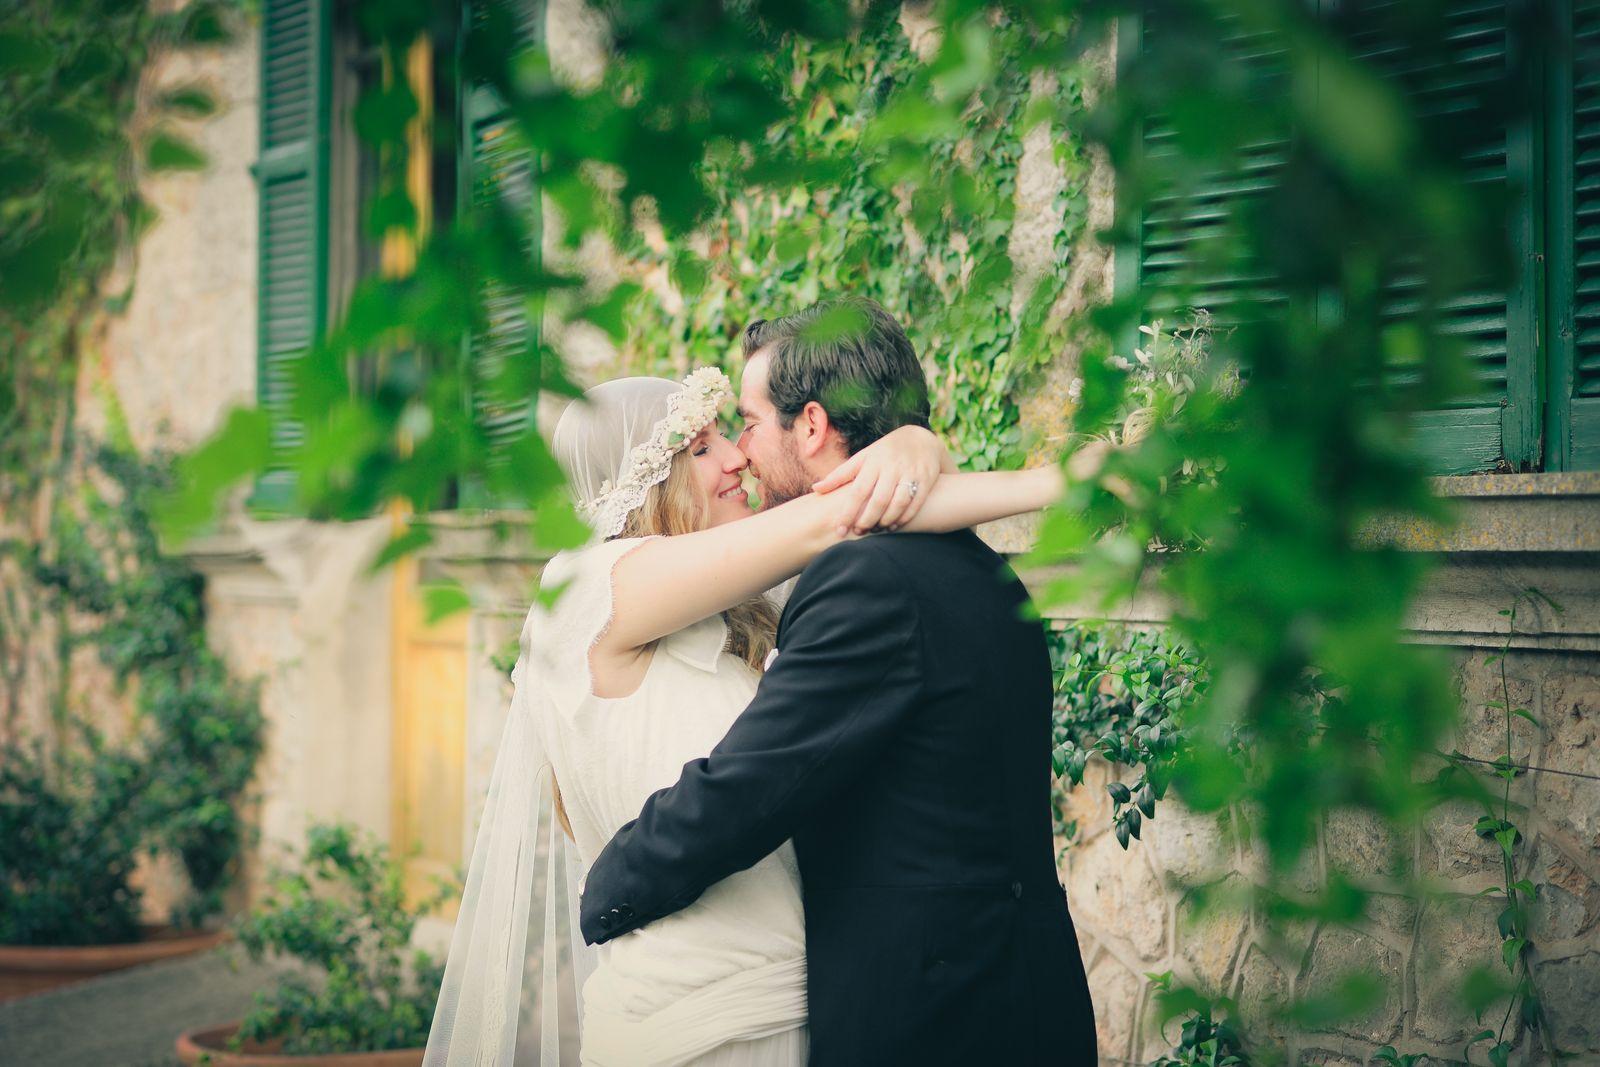 fotografo bodas mallorca 039.jpg